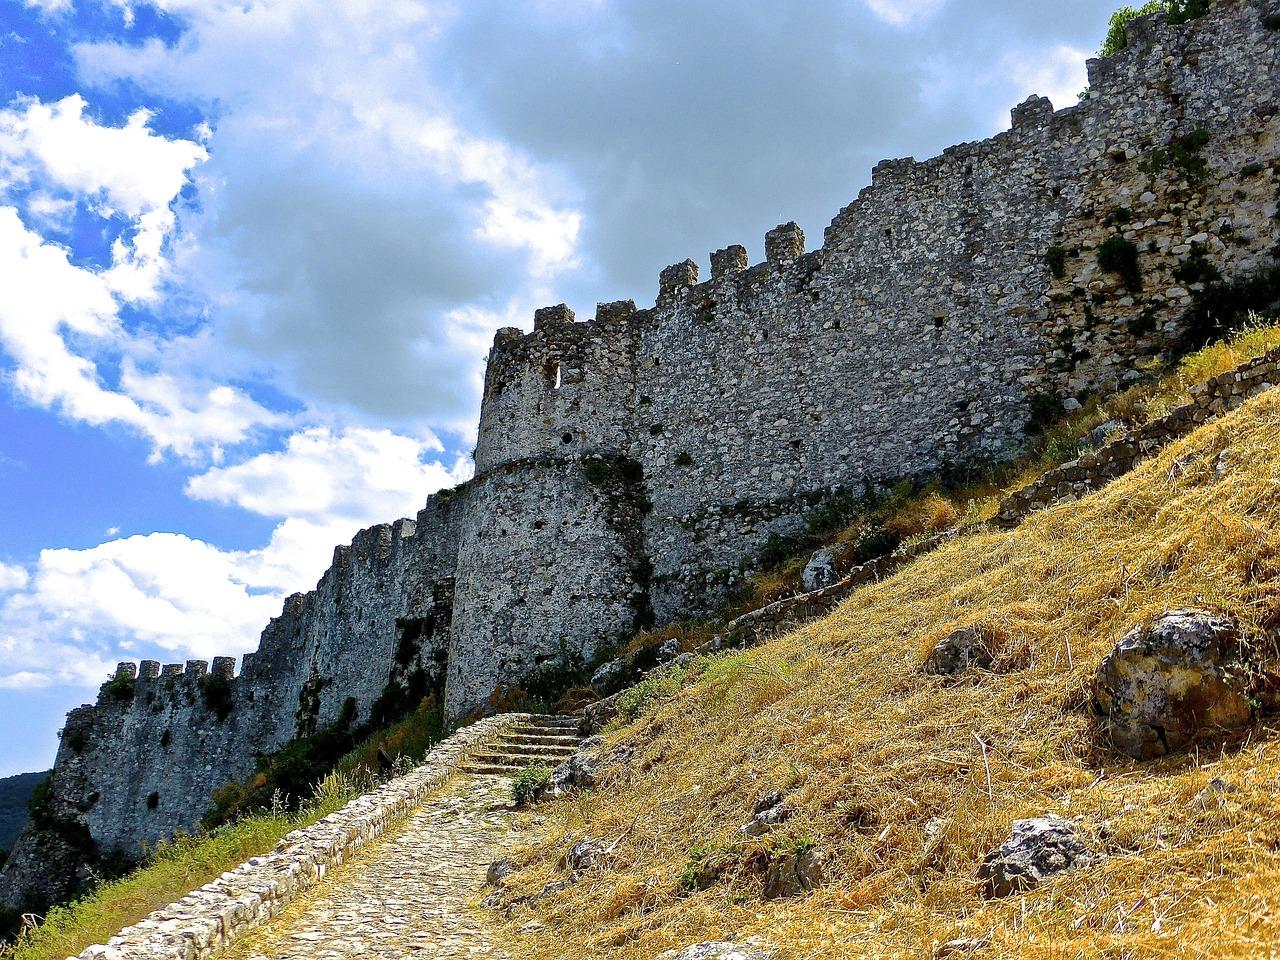 крепость каменная картинки ничтожные